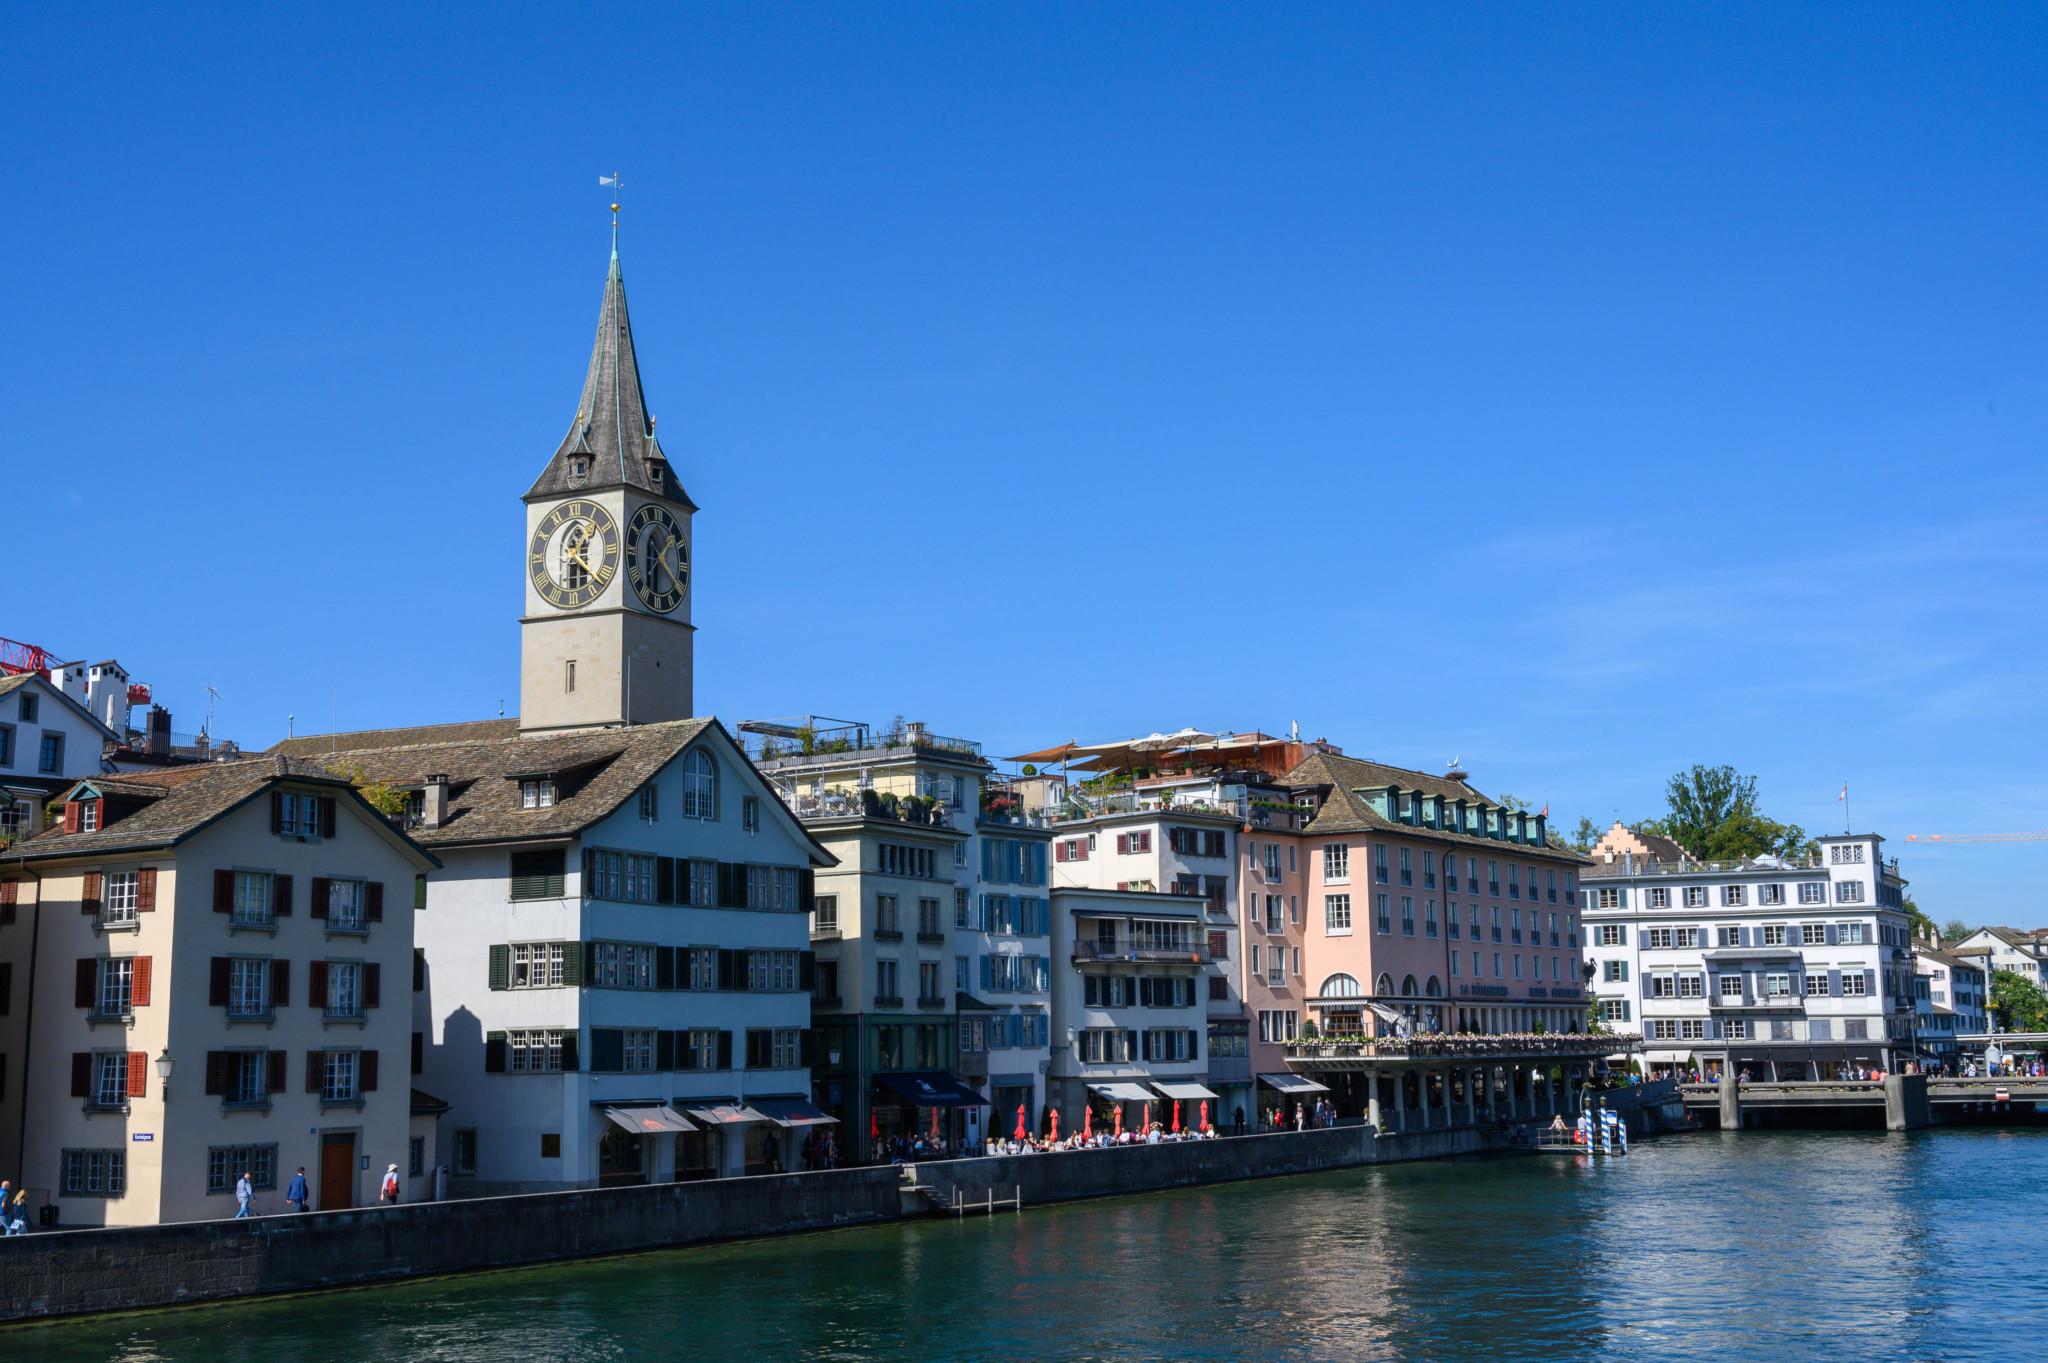 St. Peter gehört zu den Zürich Sehenswürdigkeiten